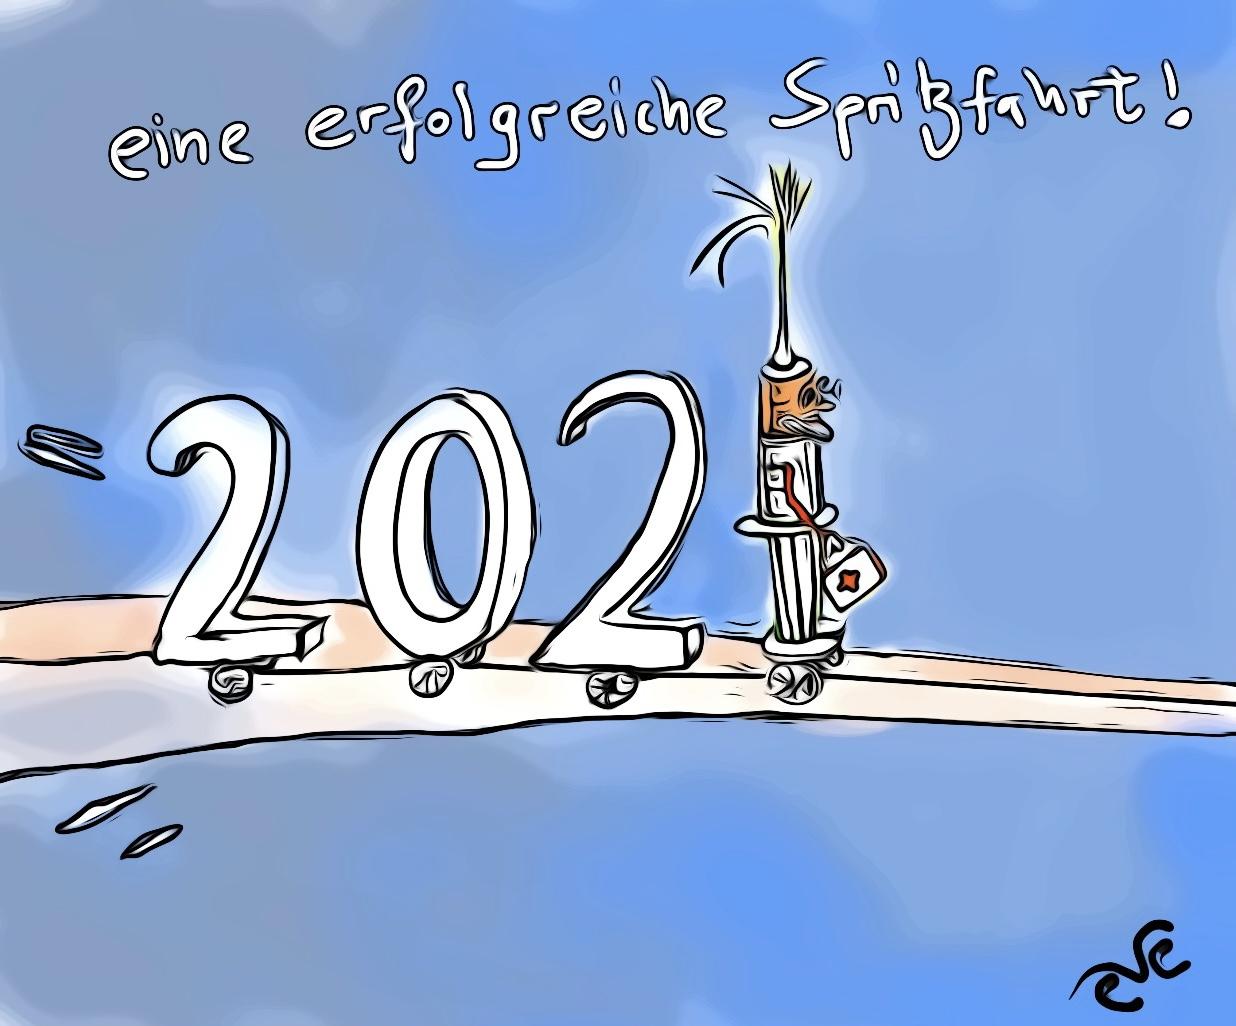 spritzfahrt ins 2021